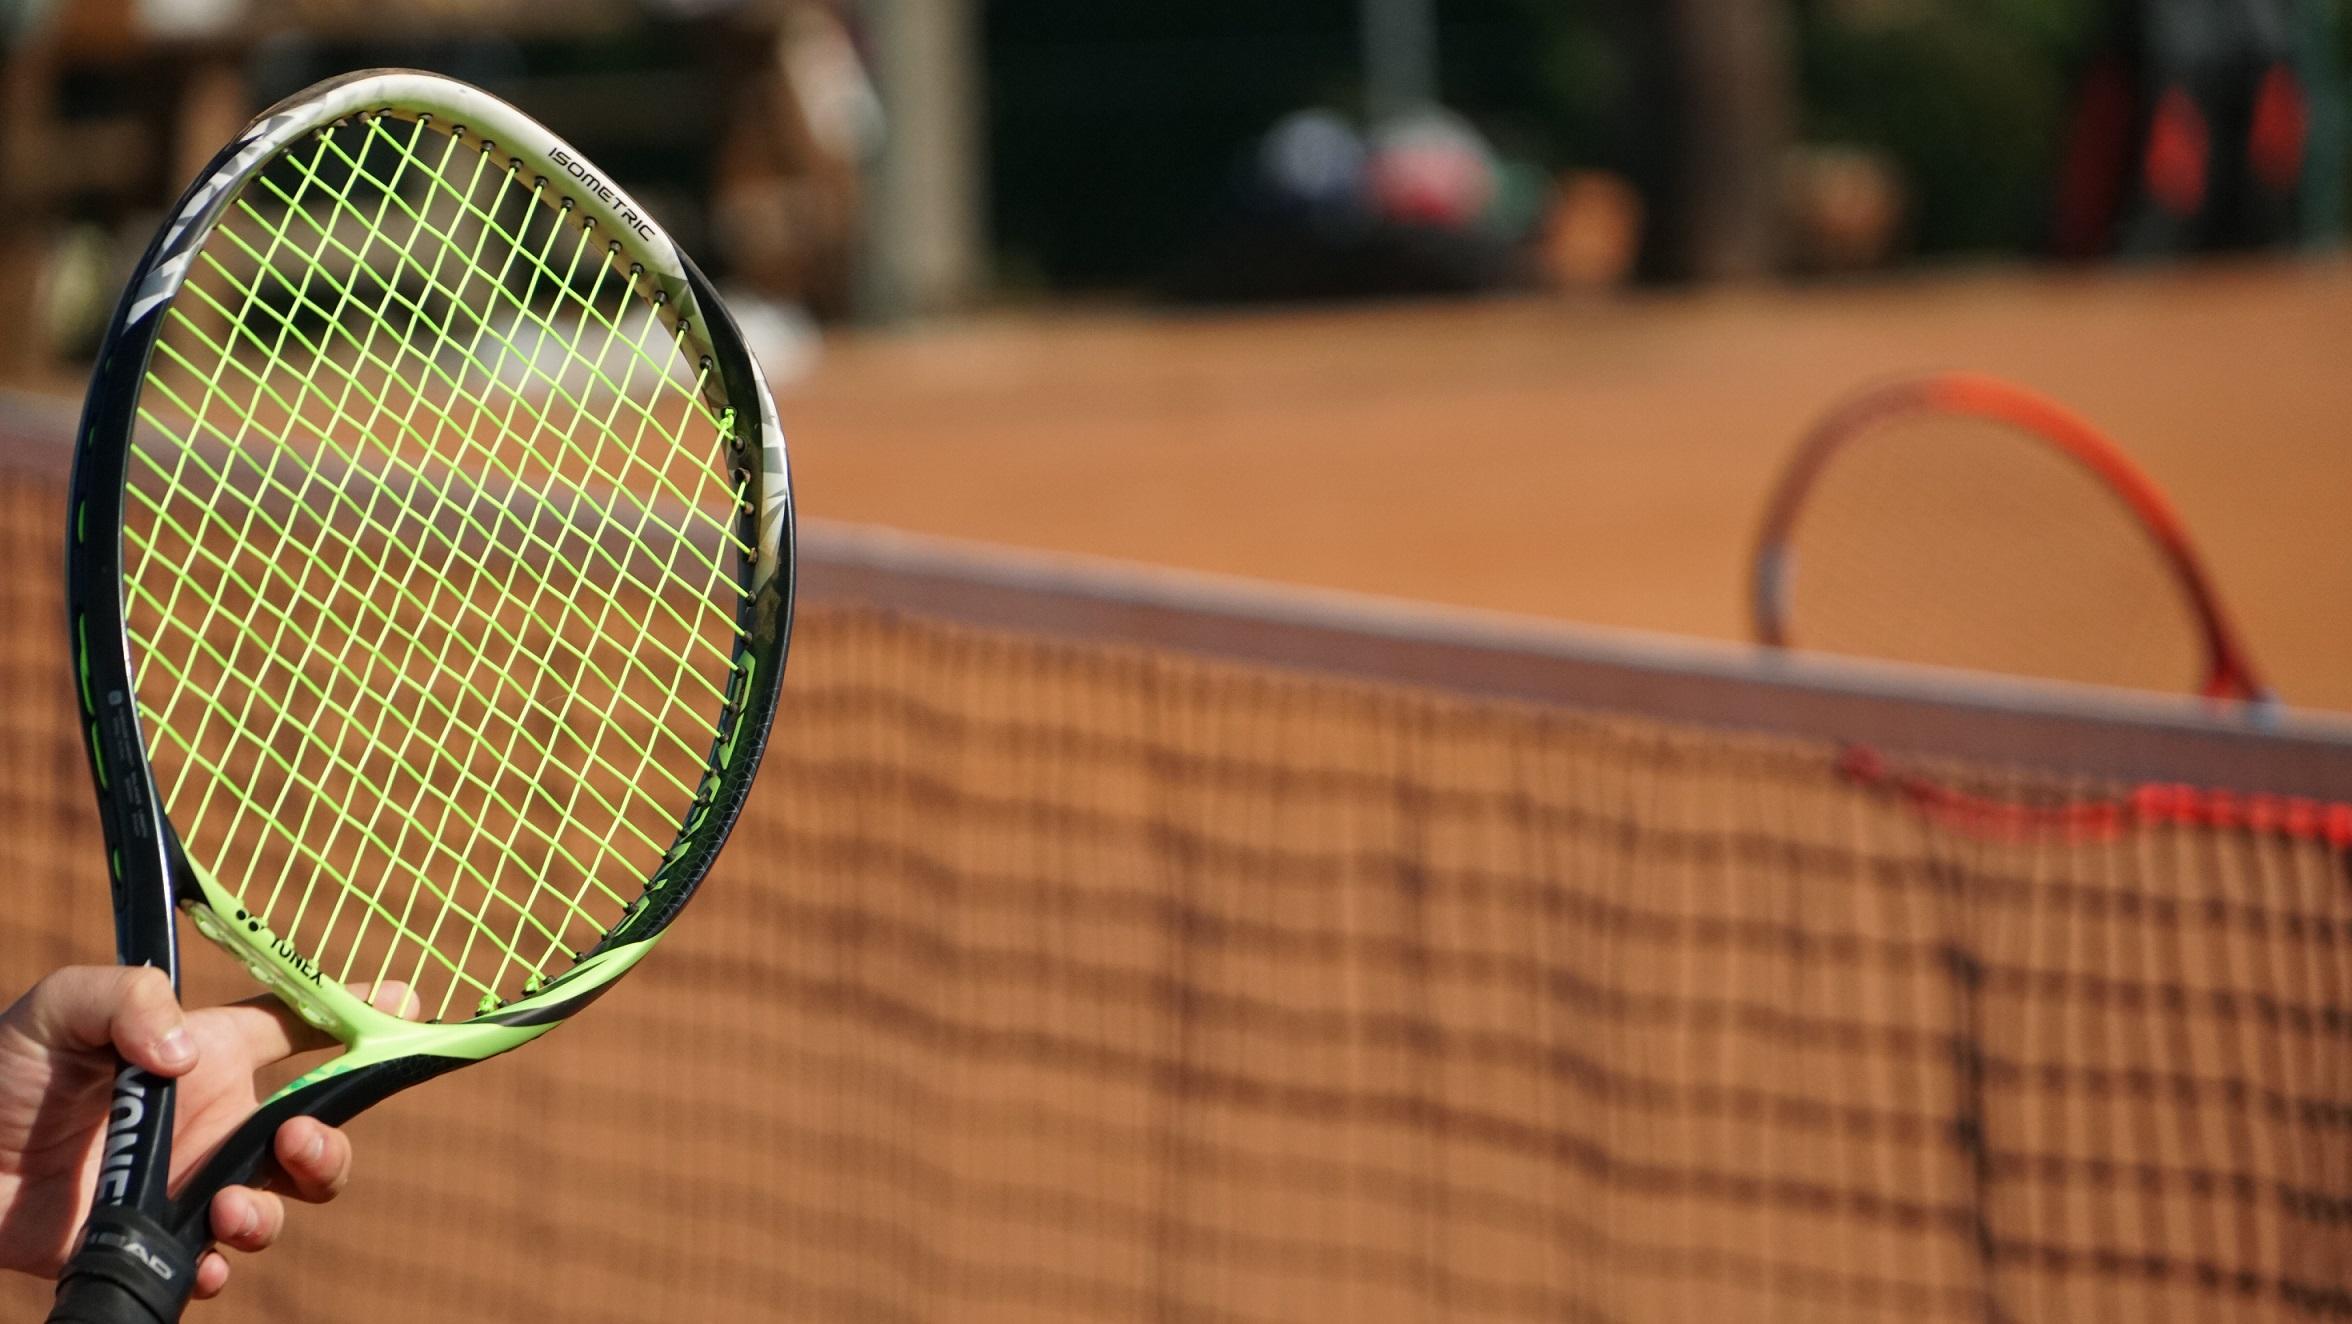 Interne Doppelmeisterschaften bei Kaiserwetter tennis doppel karlstetten 2021 4